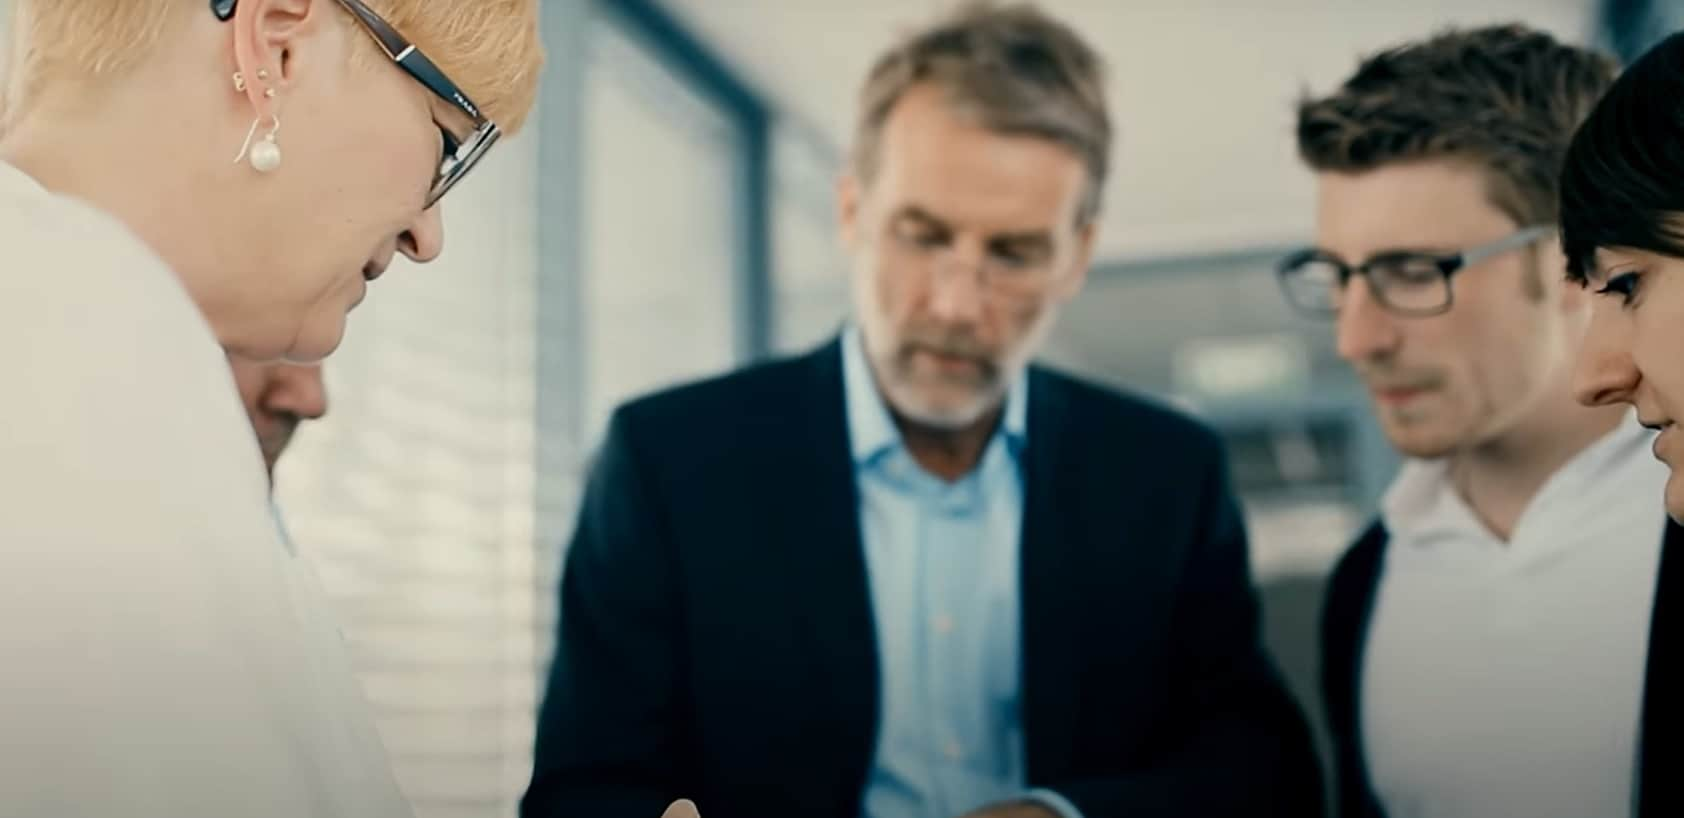 Unternehmensverkauf - Sie wollen Ihr Unternehmen verkaufen oder ein Unternehmen kaufen?